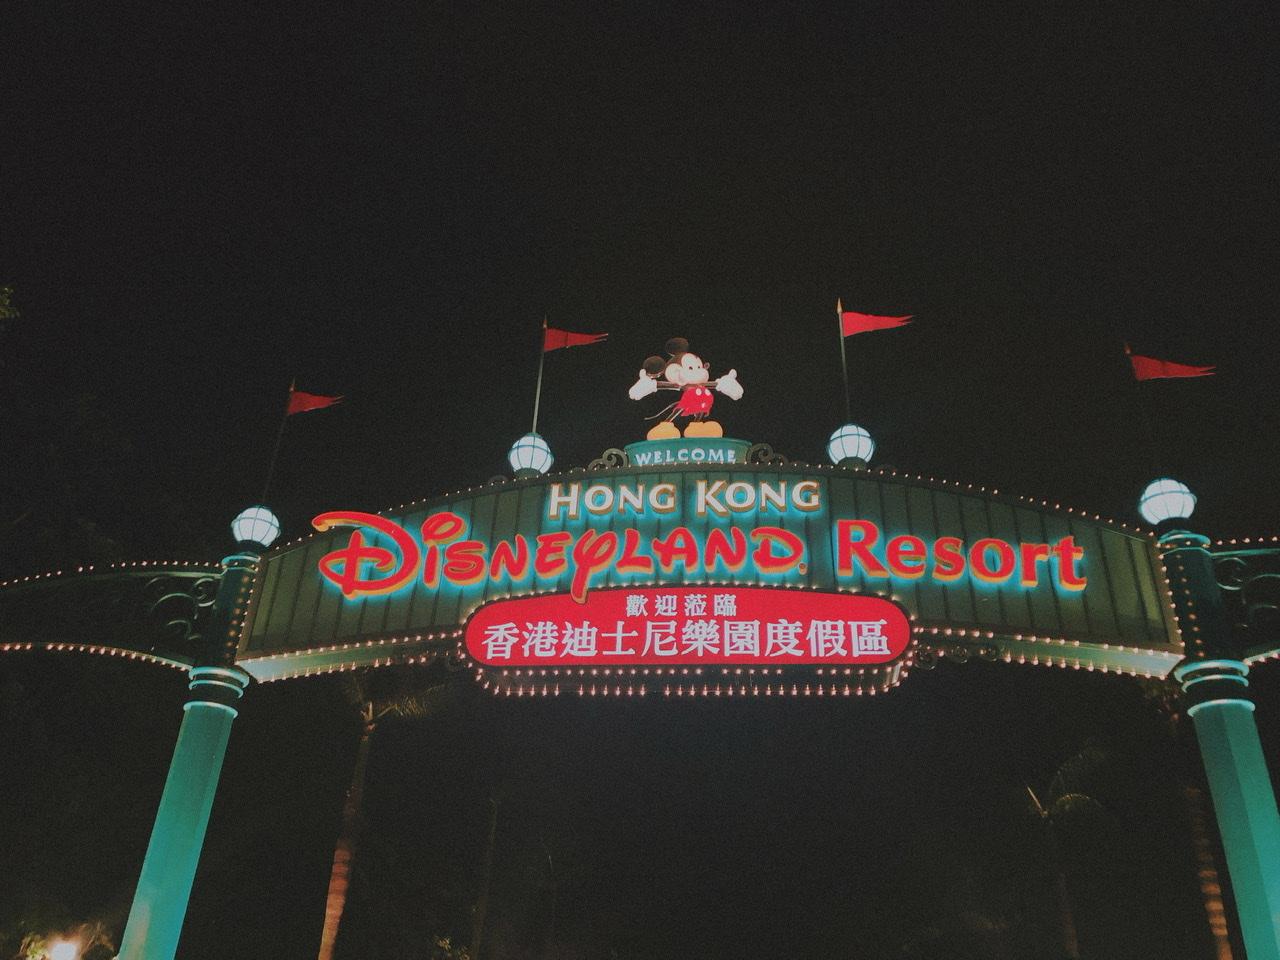 香港ディズニーランドのエントランス(アーケード)